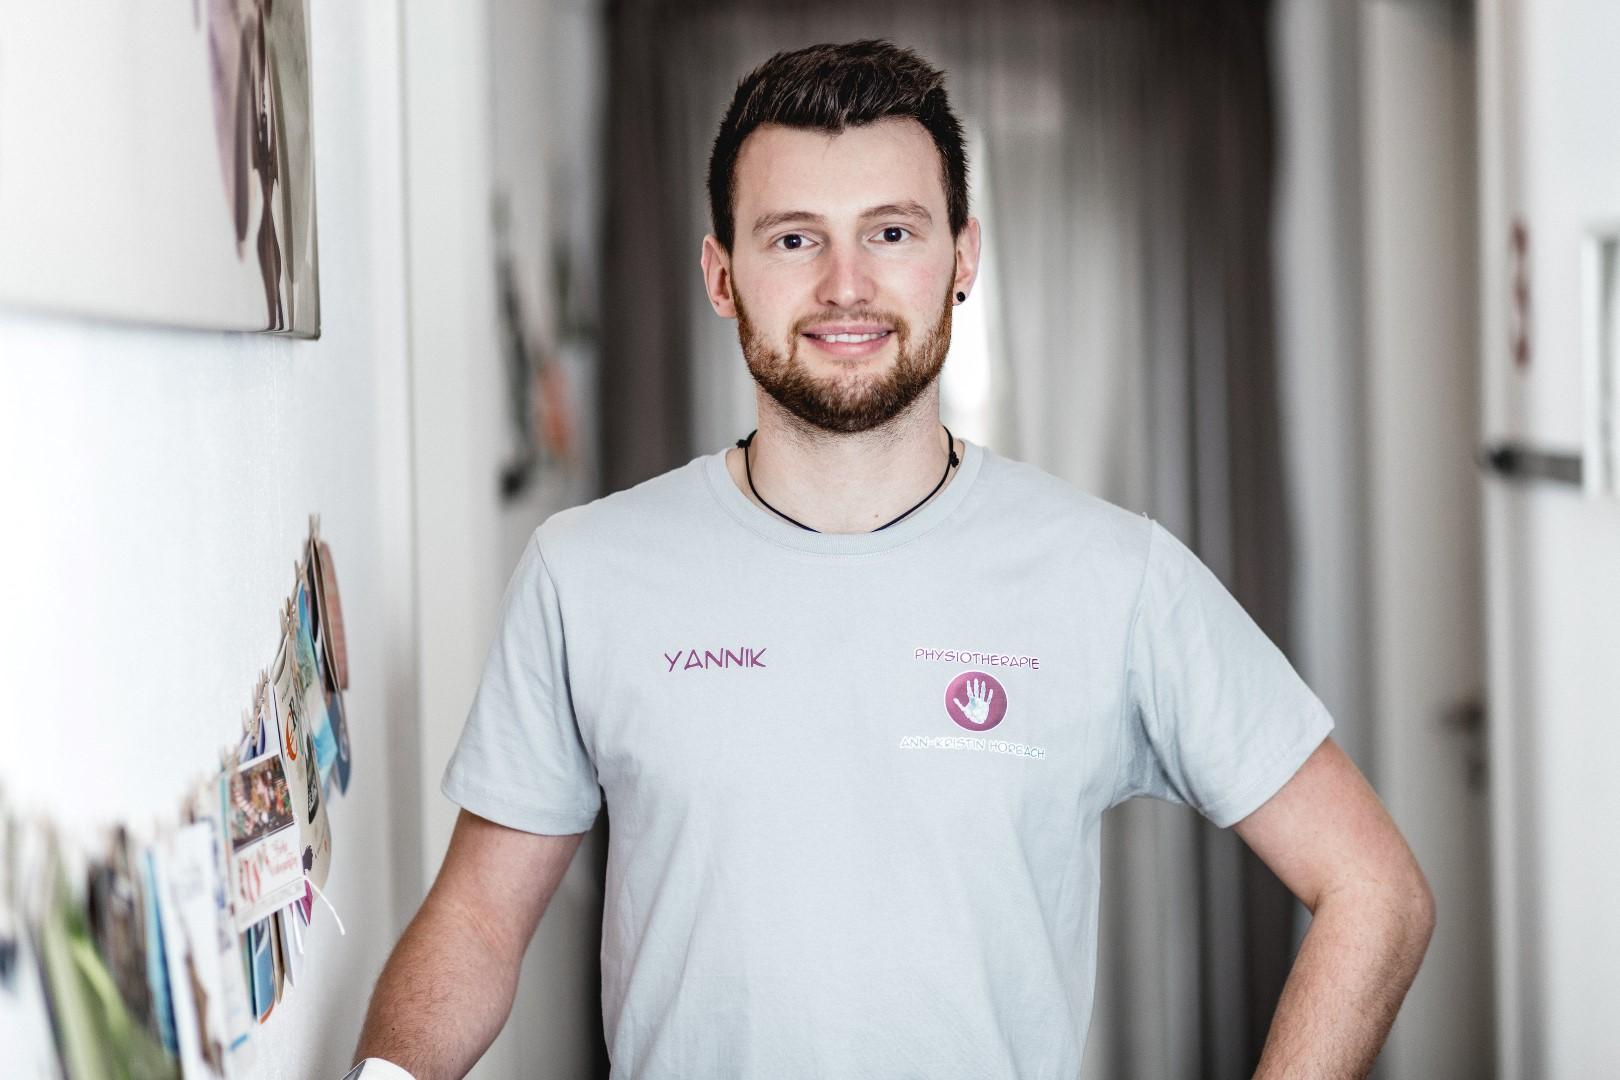 Yannik Schimmelpfennig